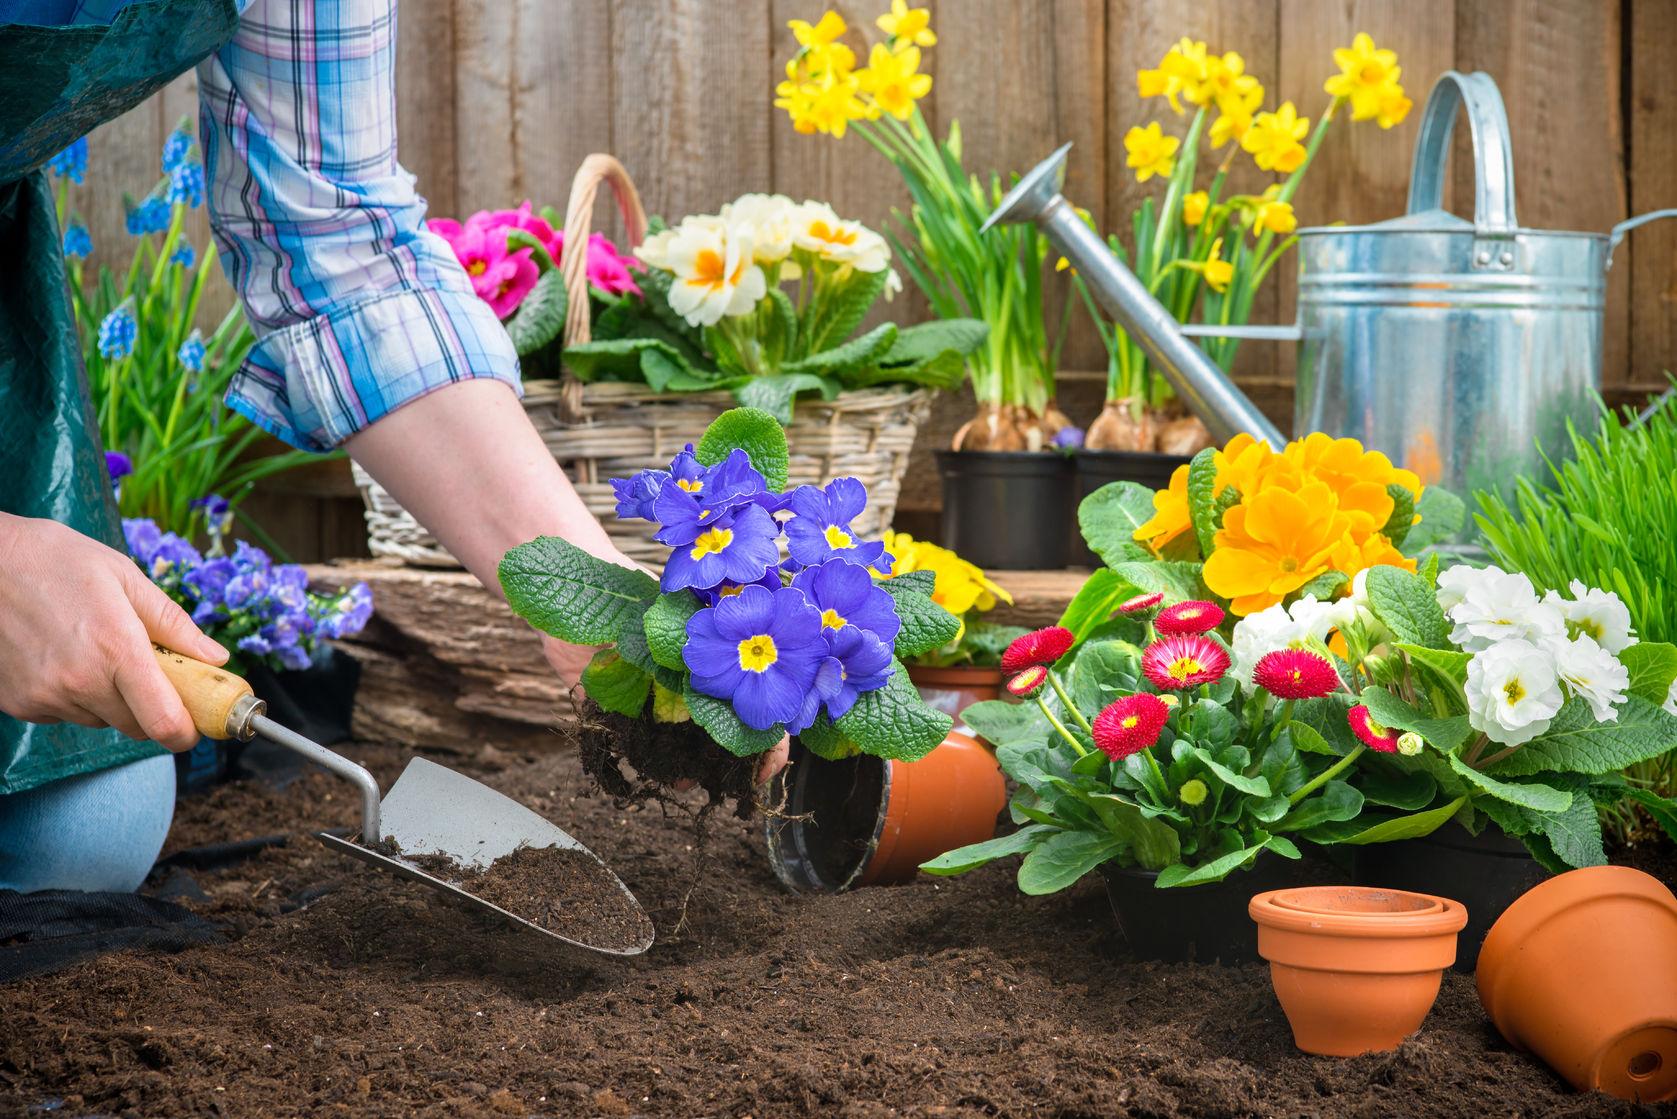 Garden Preparation  https://www.info-on-high-blood-pressure.com/Health-Benefits-Of-Gardening.html